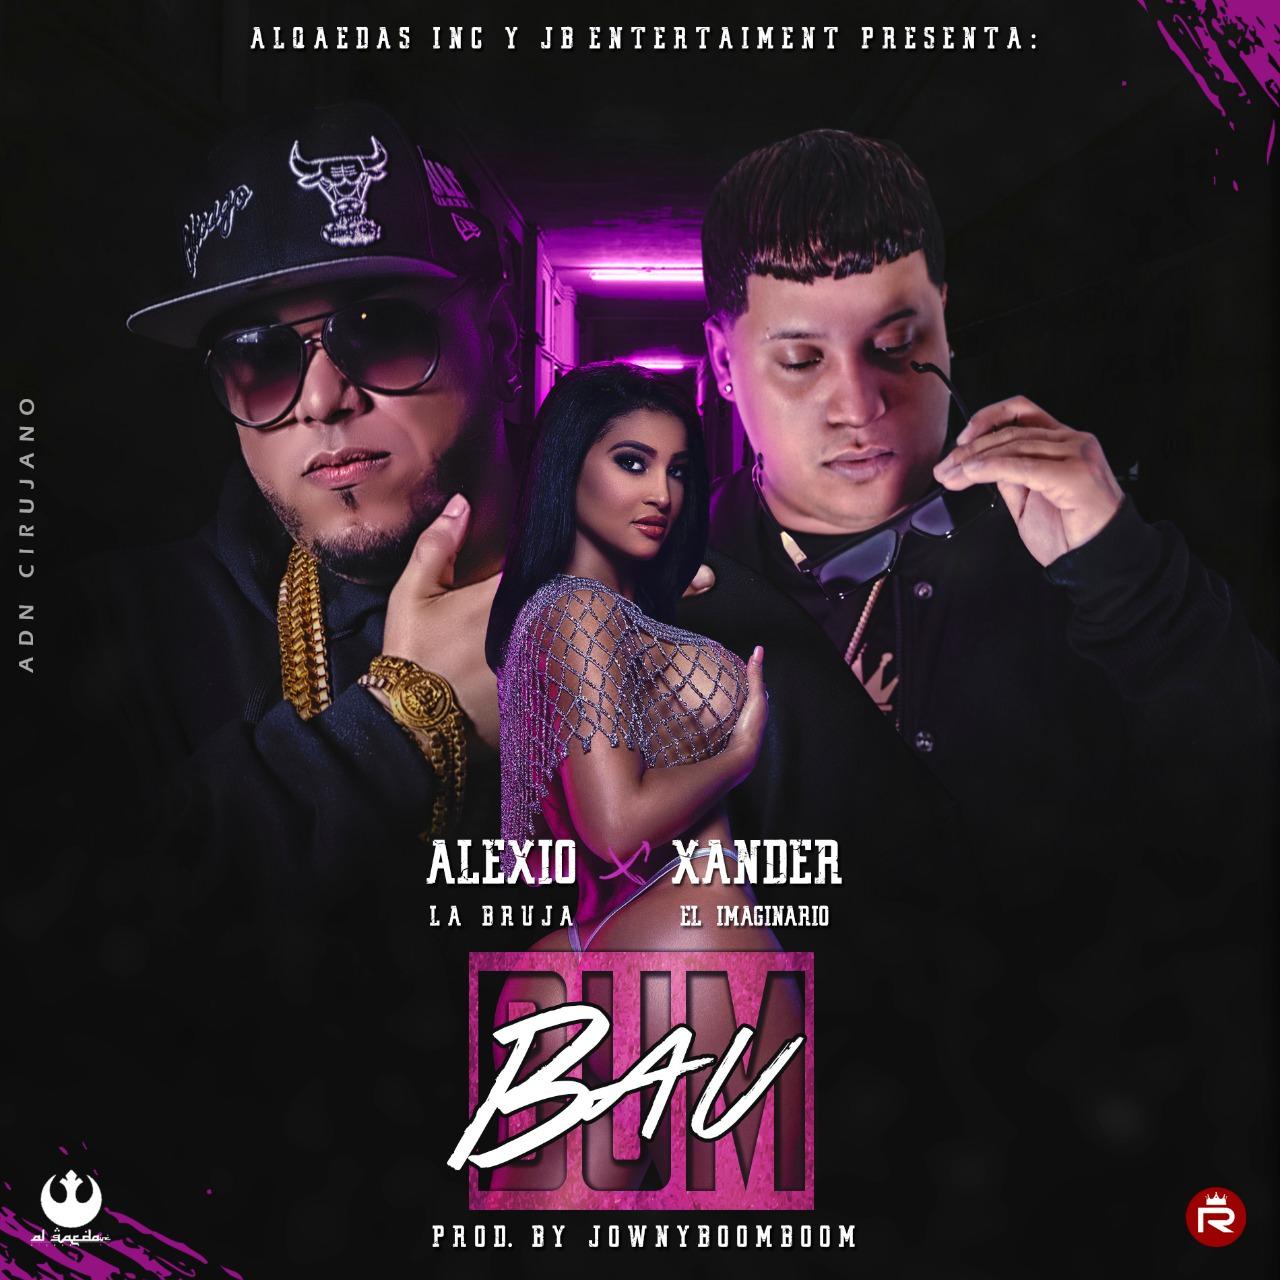 bum - Alexio La Bruja Ft. Xander El Imaginario – Bum Bau